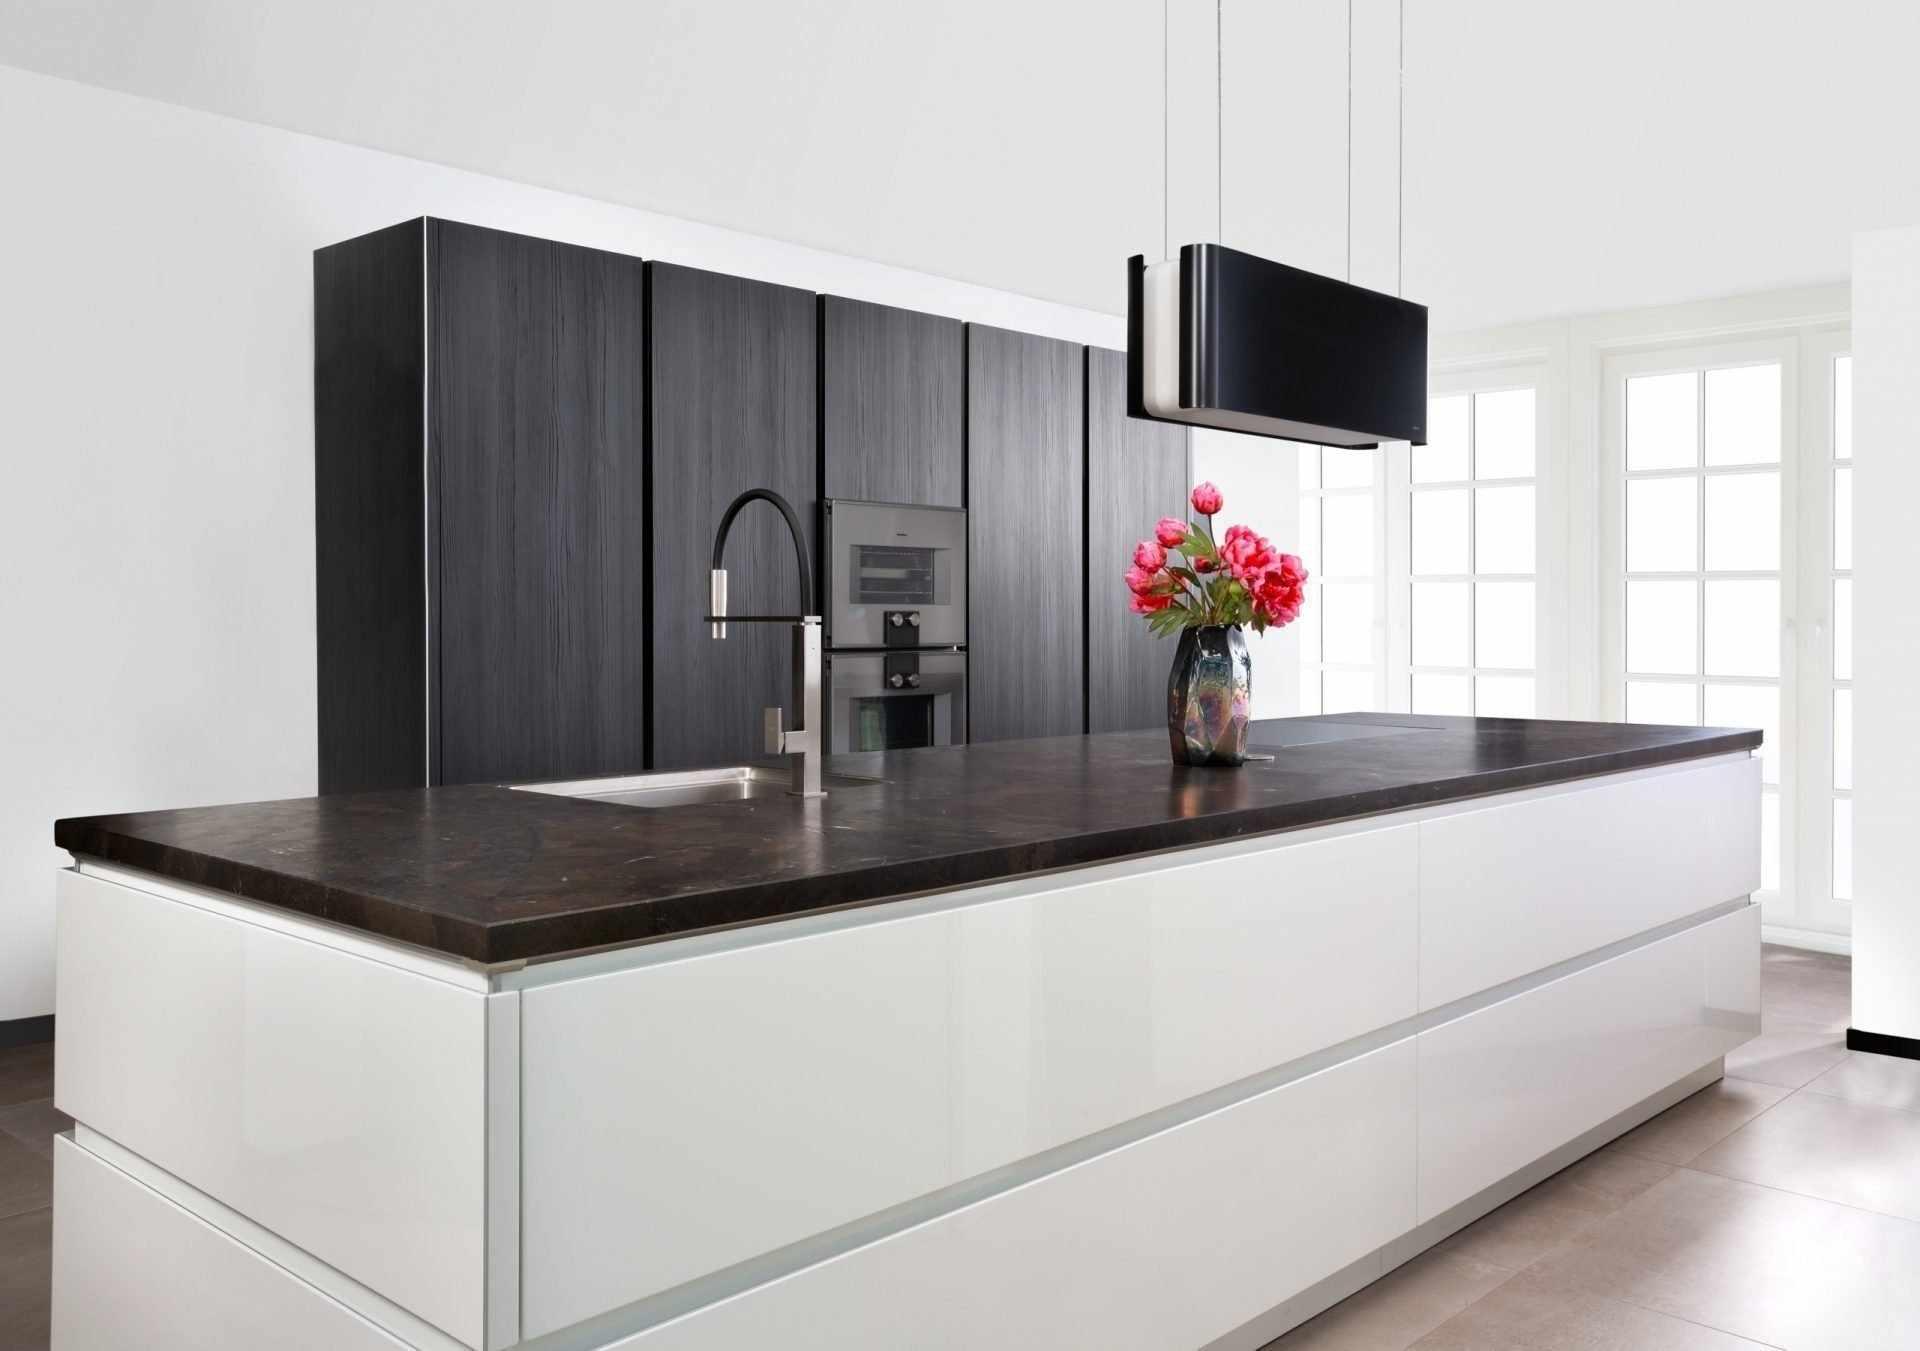 Marquardt Kuchen De Nr 1 Van Duitsland In Keukens Met Graniet